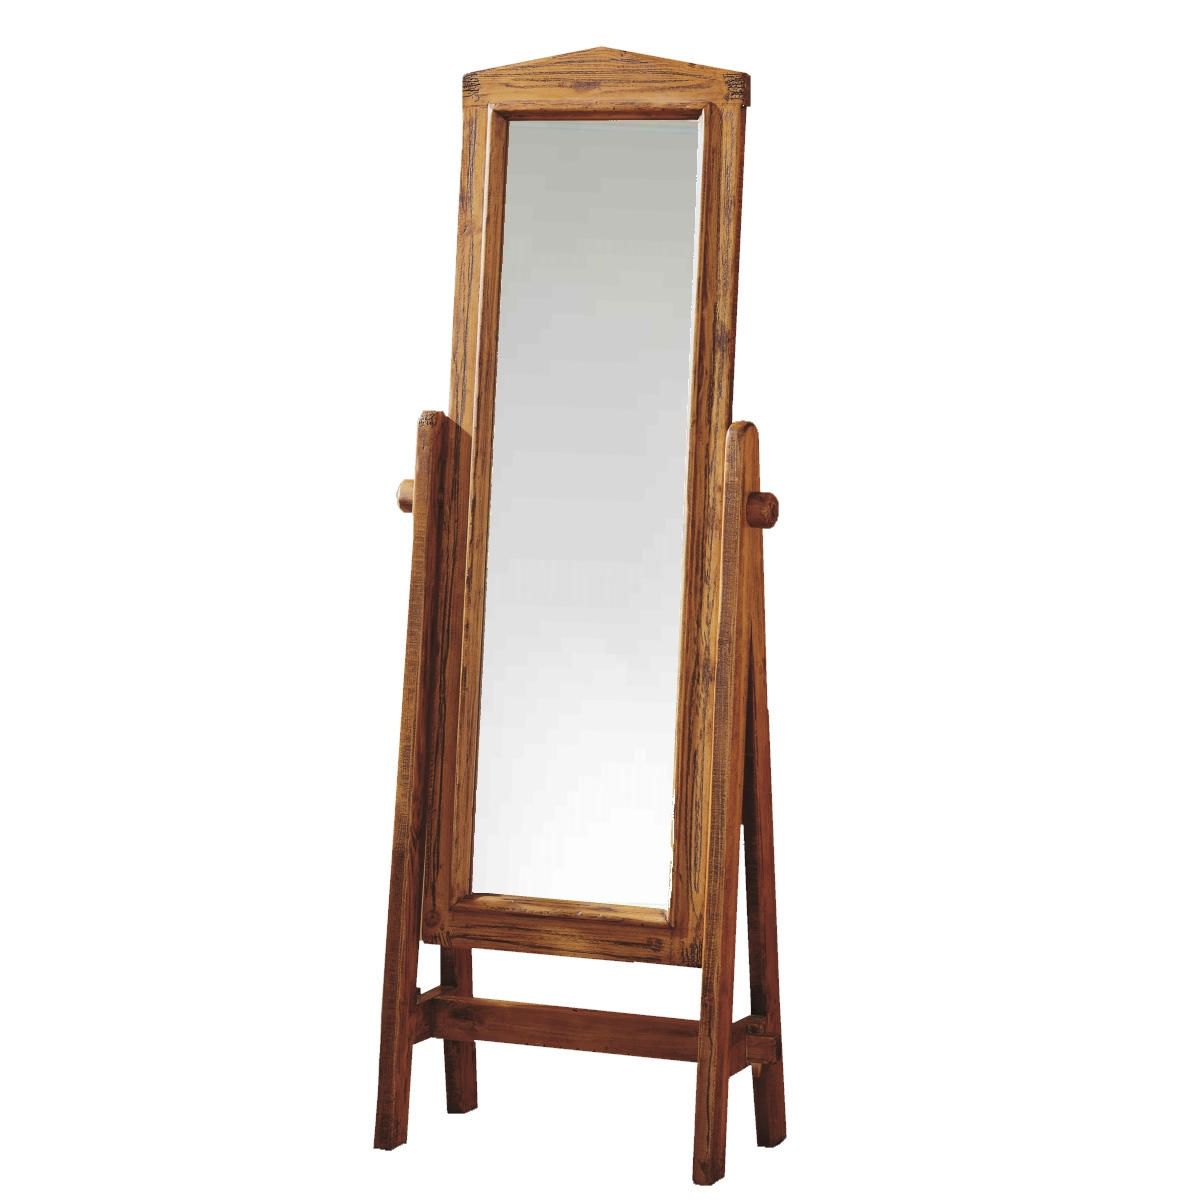 Marco probador rústico de madera. Ecorústico: venta de muebles